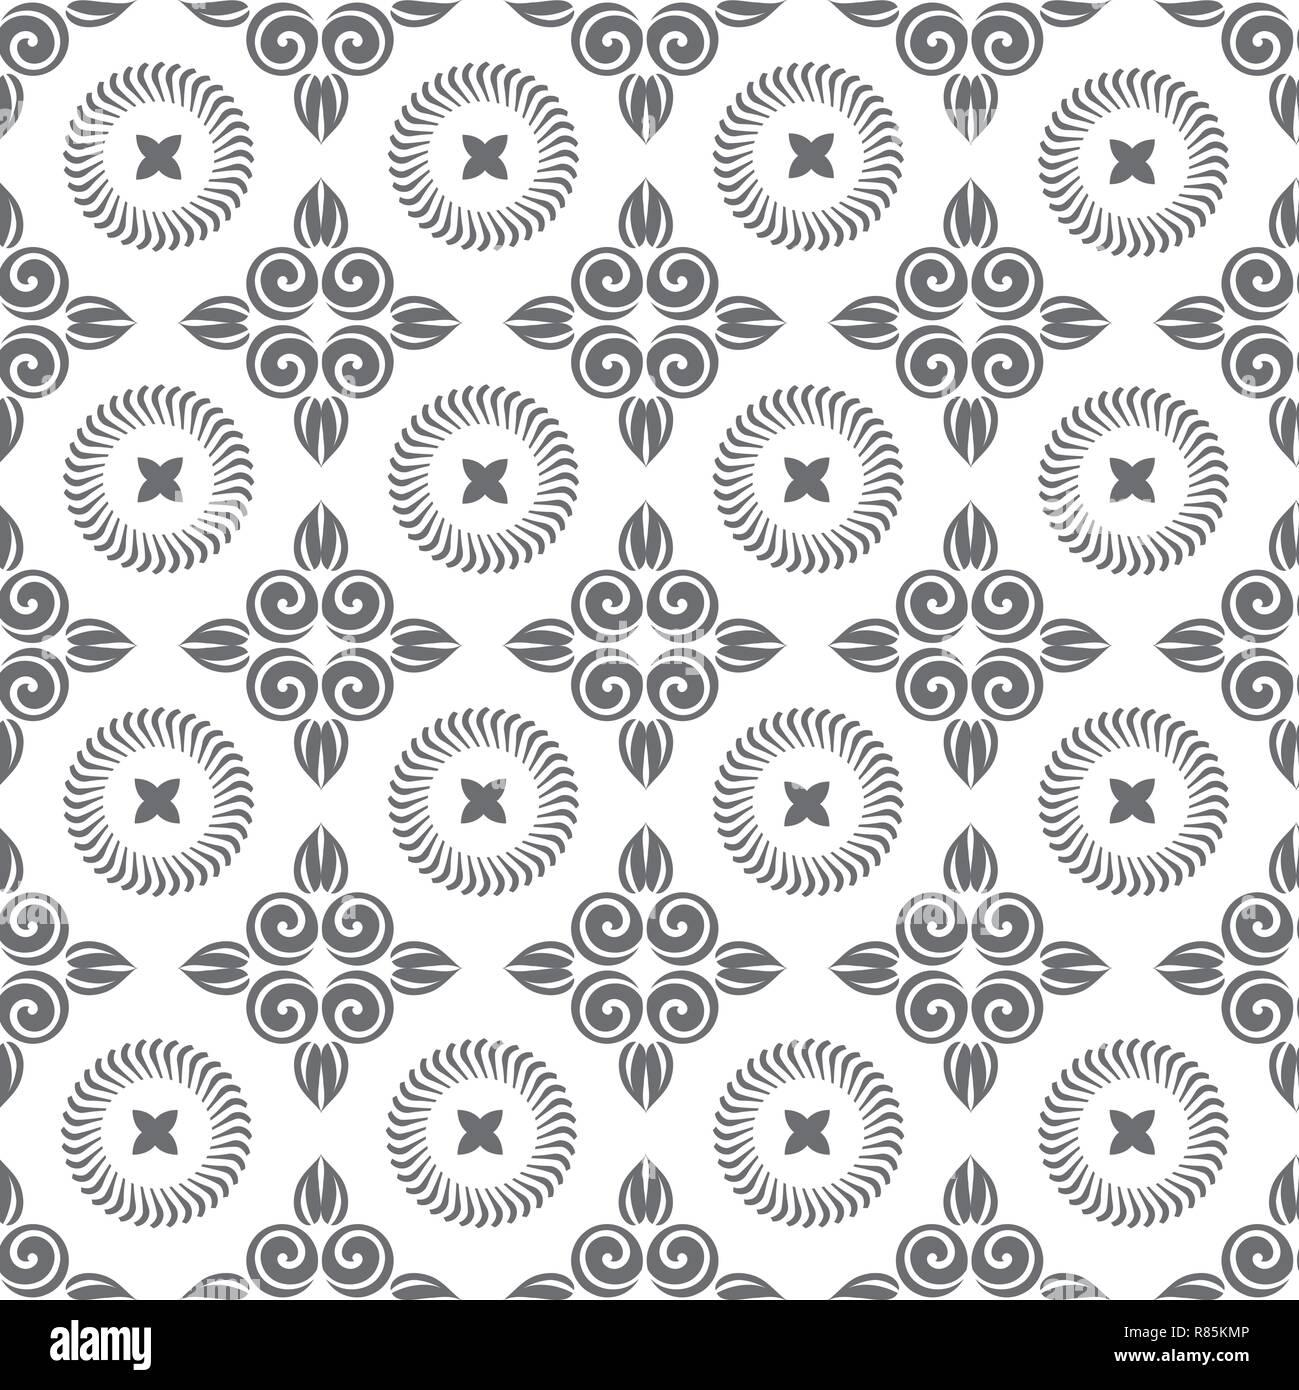 Nahtlose Muster Silhouette Ausschneiden Masswerk Locken Design Fur Scrapbooking Visitenkarten Hintergrund Fur Das Handwerk Stock Vektorgrafik Alamy